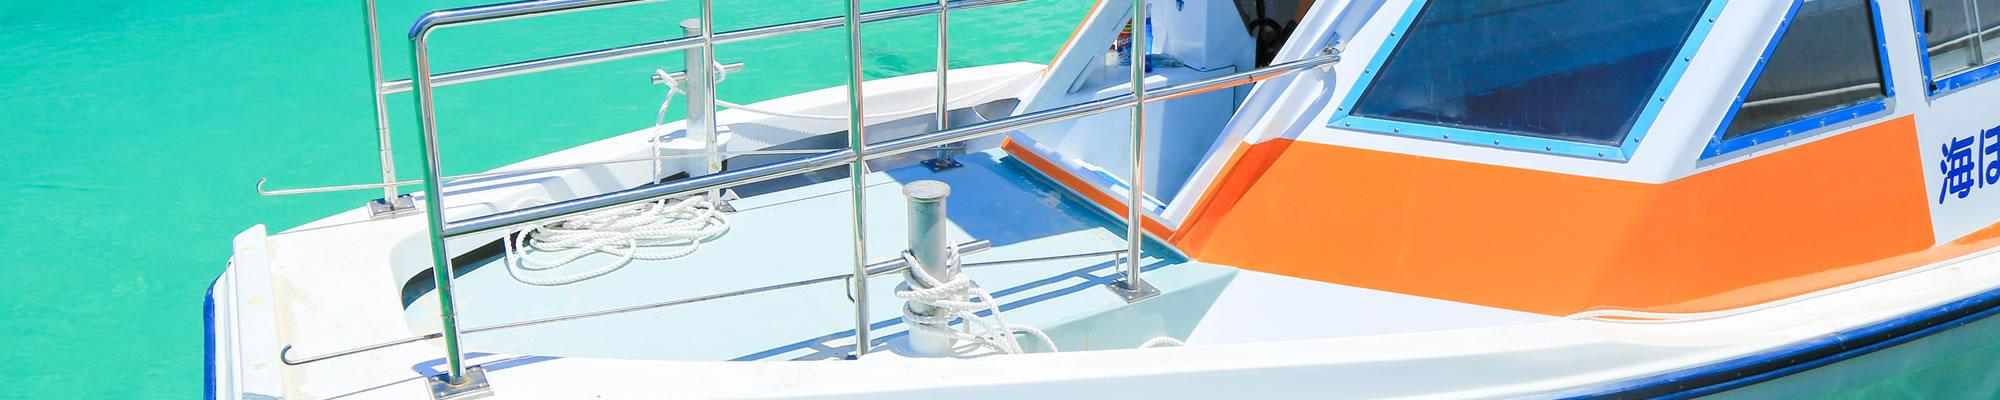 石垣島ボートチャーター